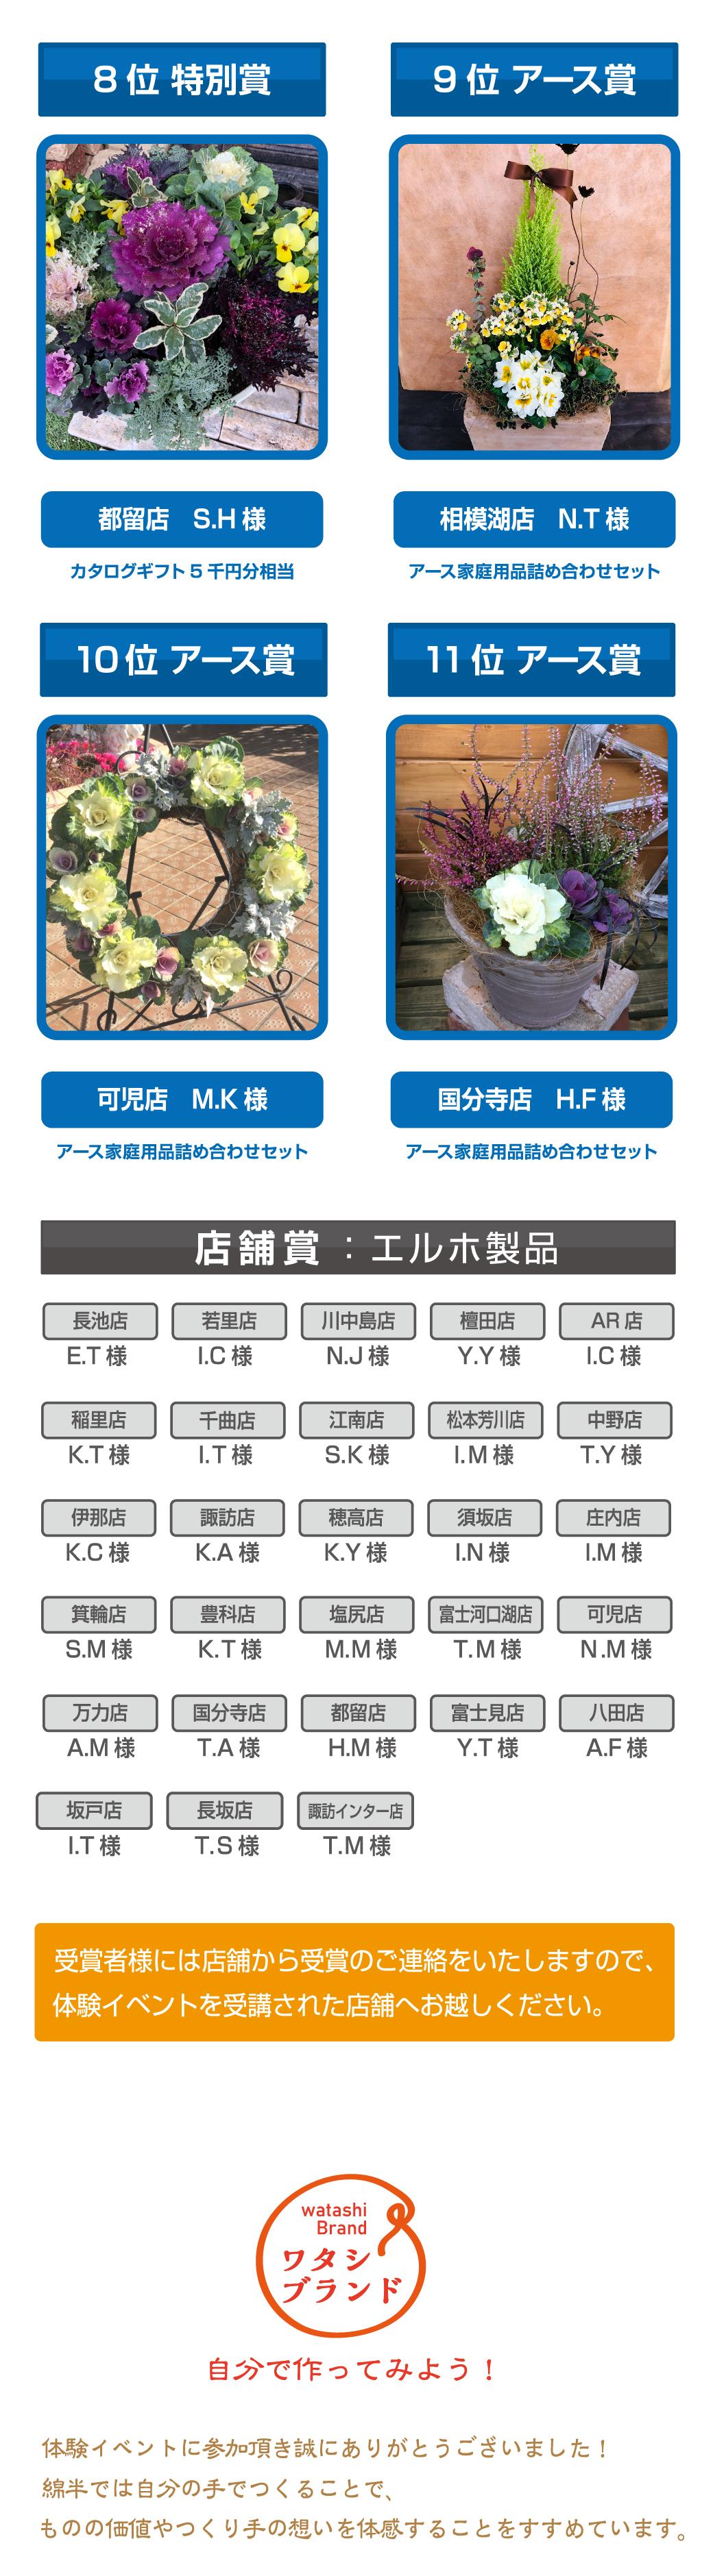 寄せ植えコンテスト-04.png